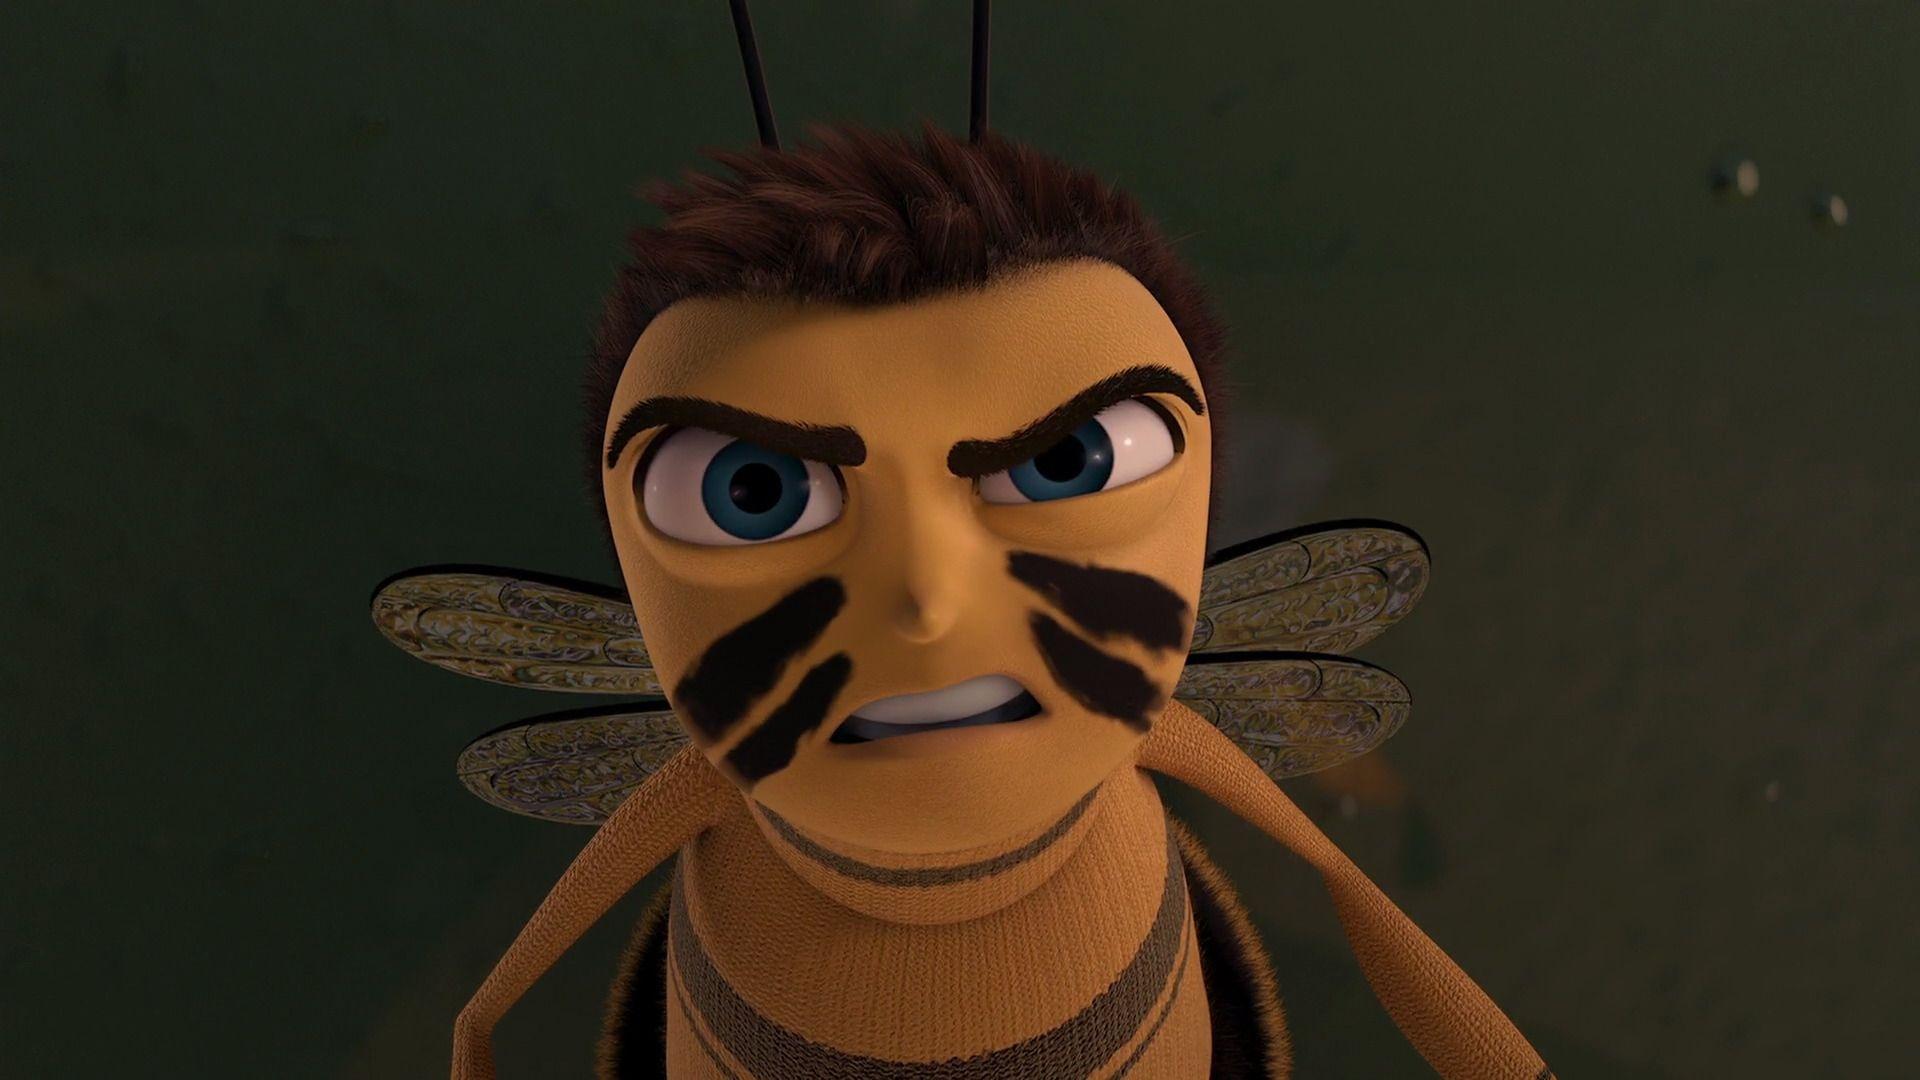 Bee Movie Hd Wallpapers Bee Movie Cute Cartoon Wallpapers Movie Wallpapers